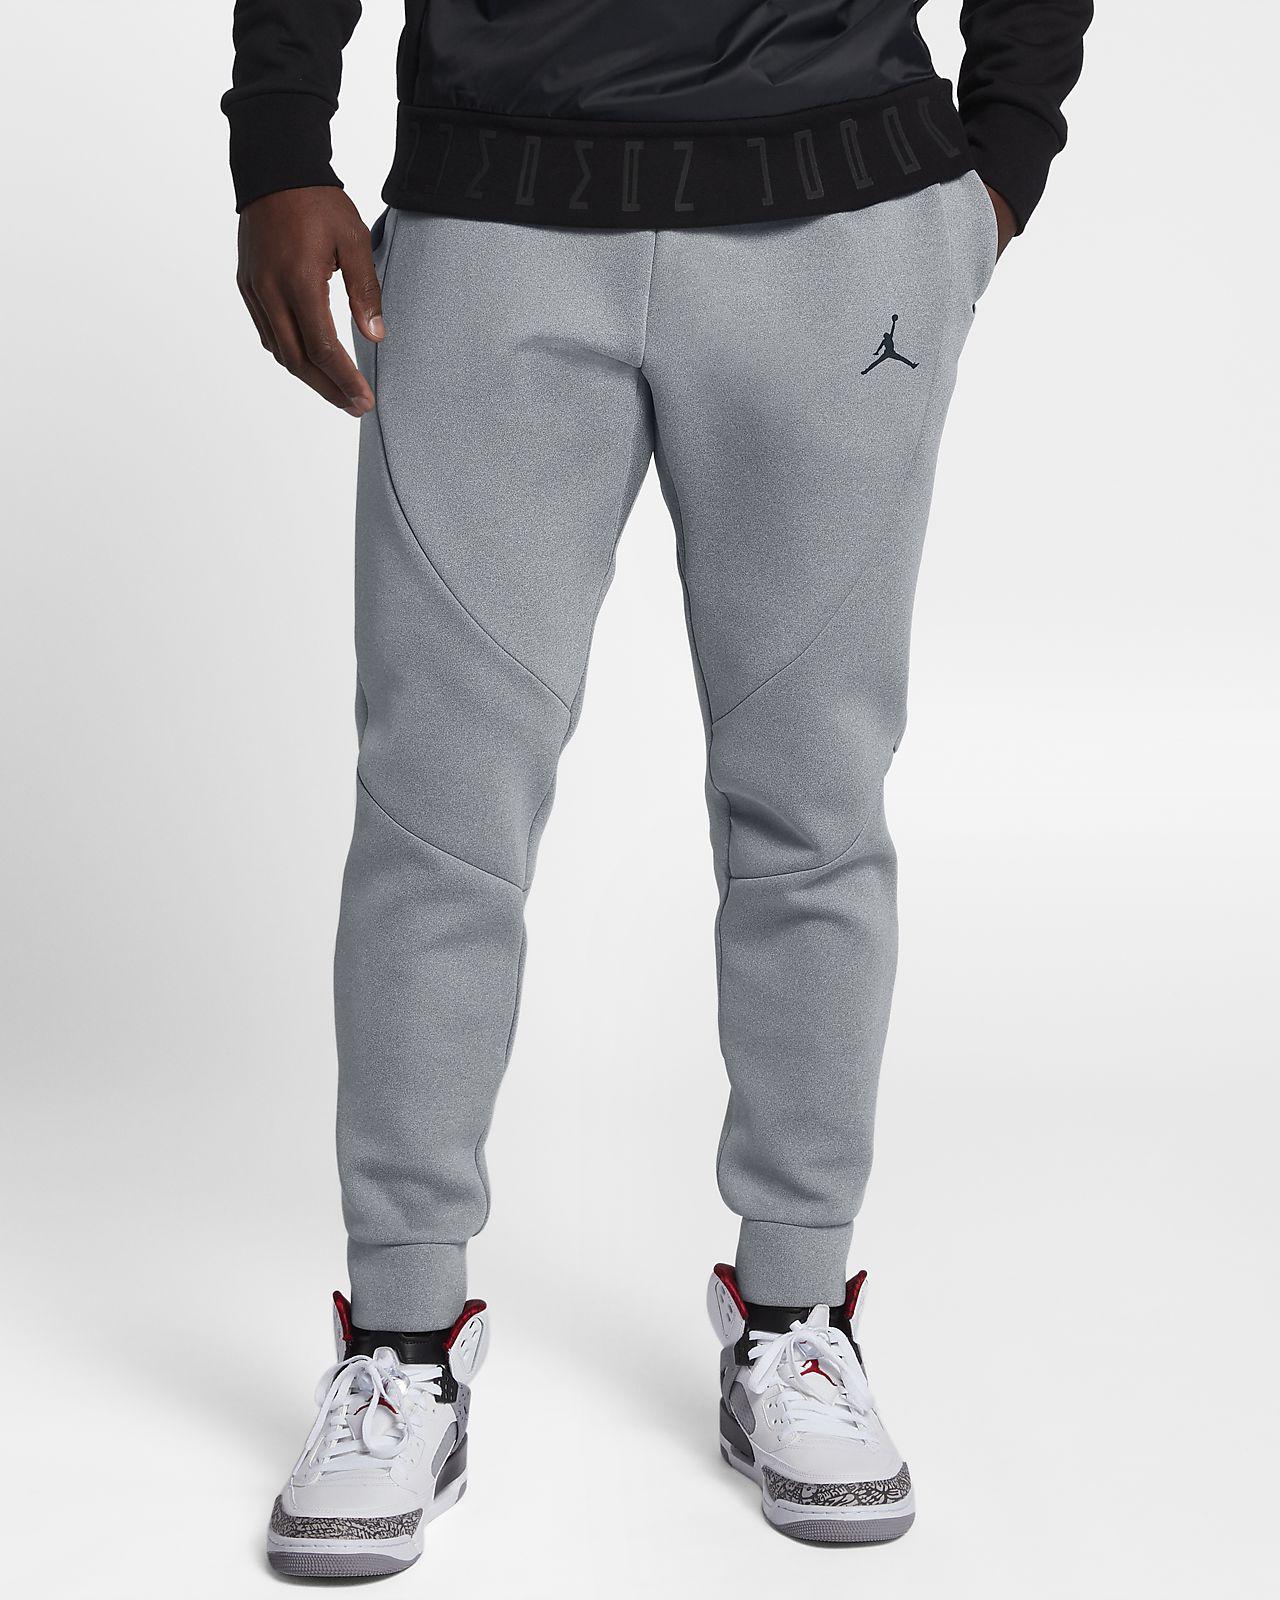 Fleece Uomo Tech Pantaloni Flight Sportswear Jordan In Ch Txn7PHq1